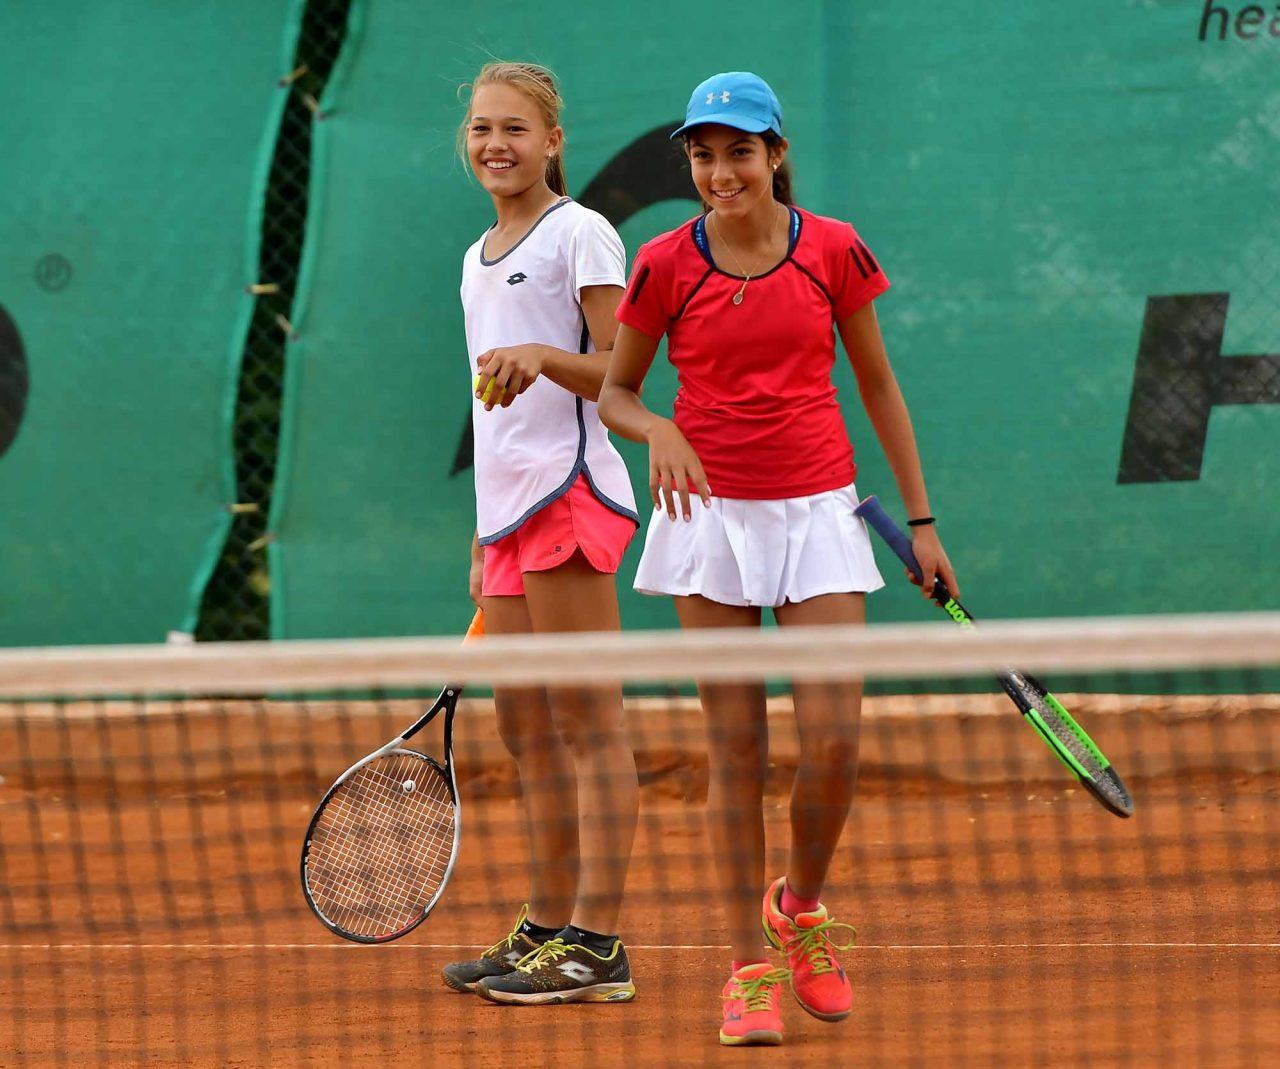 Държавно първенство тенис до 14 год. ТК 15-40 двойки полуфинал (8)